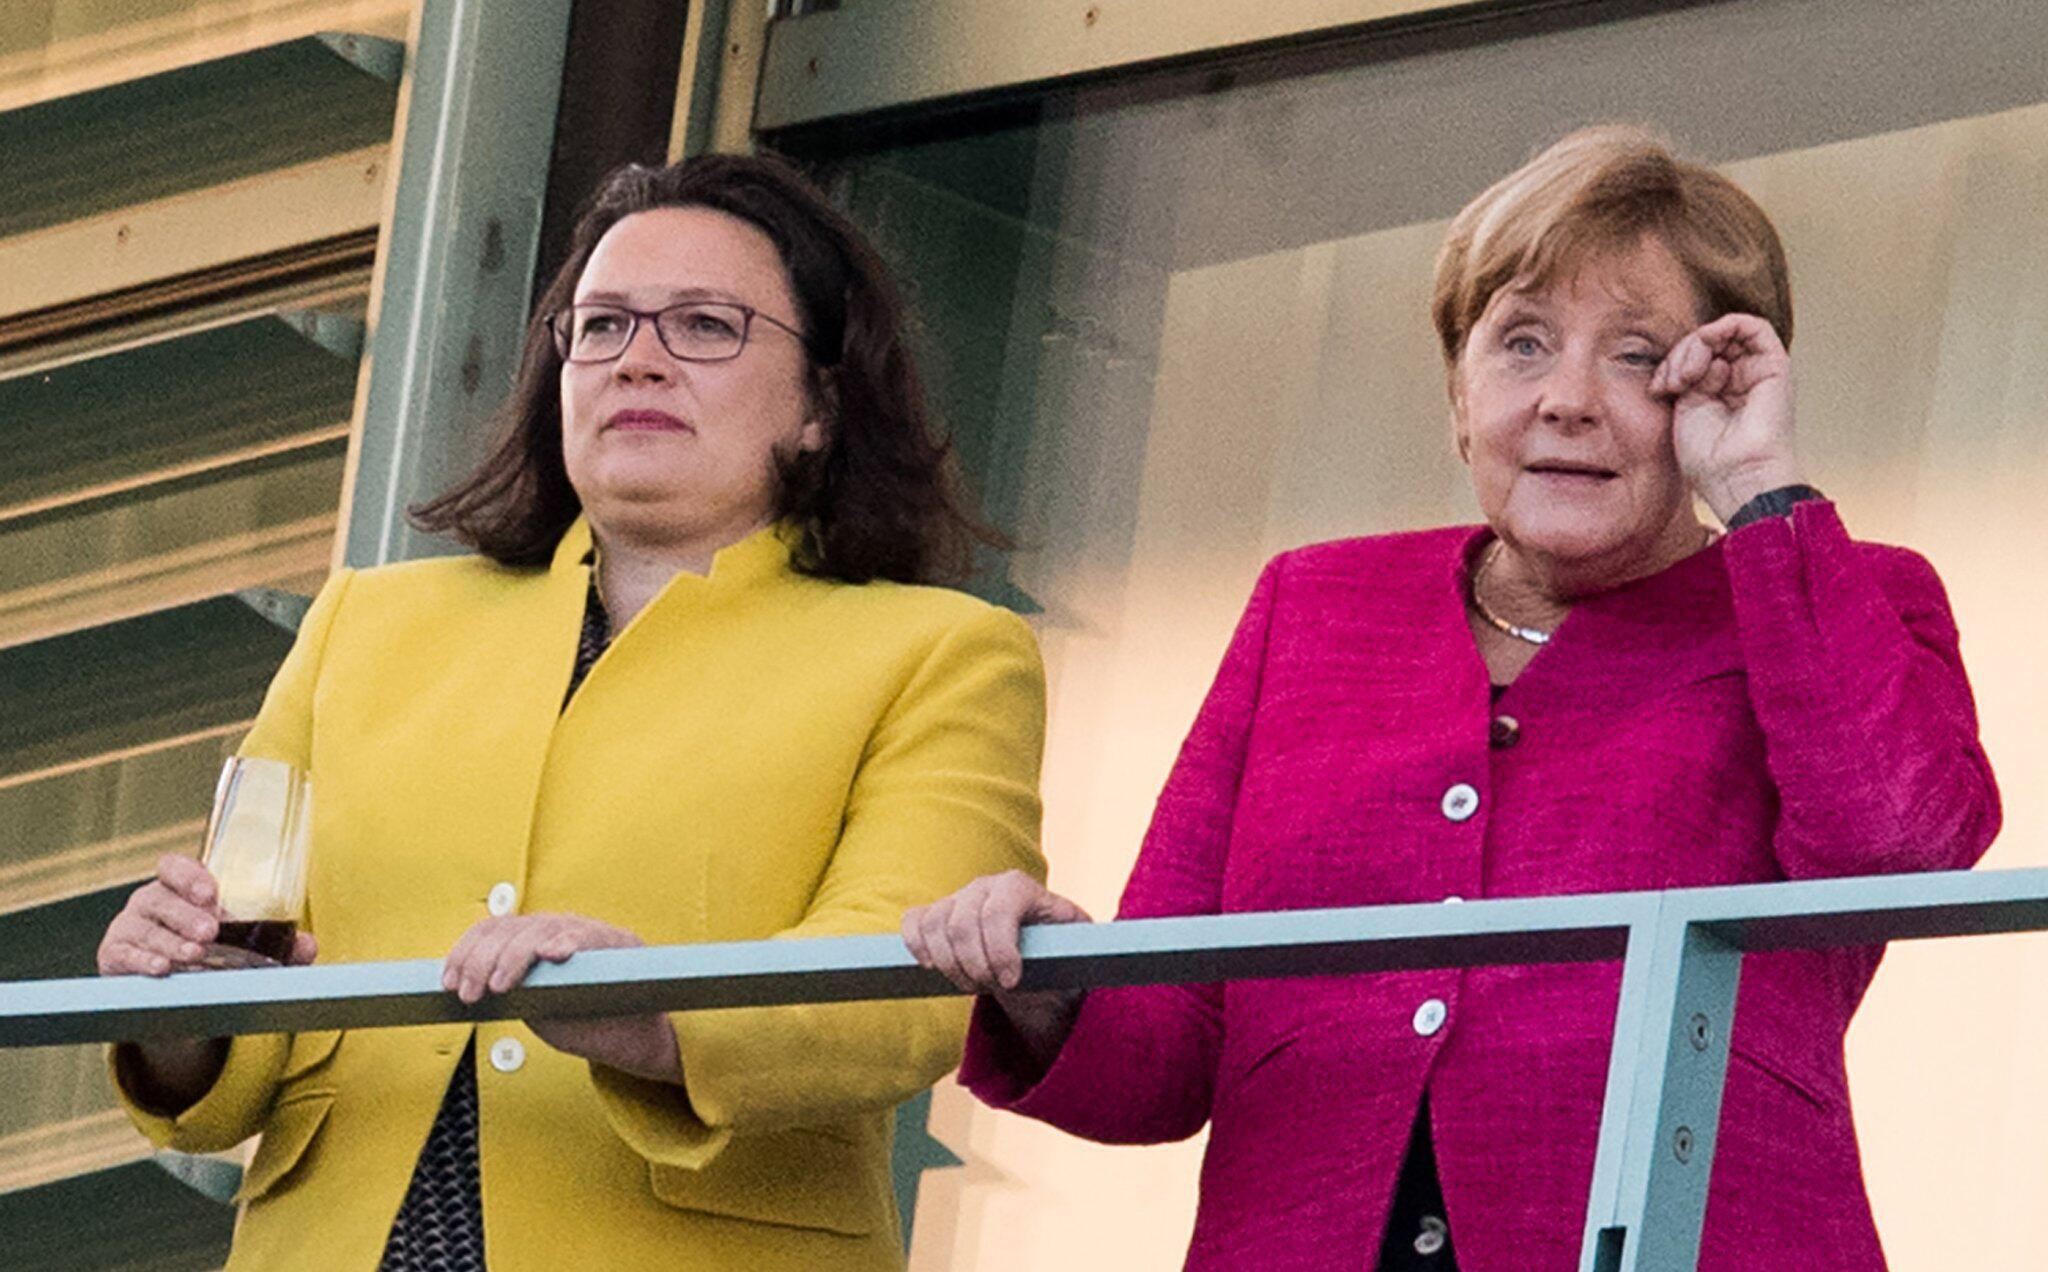 Bild zu Andrea Nahles, Angela Merkel, SPD, CDU, Koalition, große Koalition, Berlin